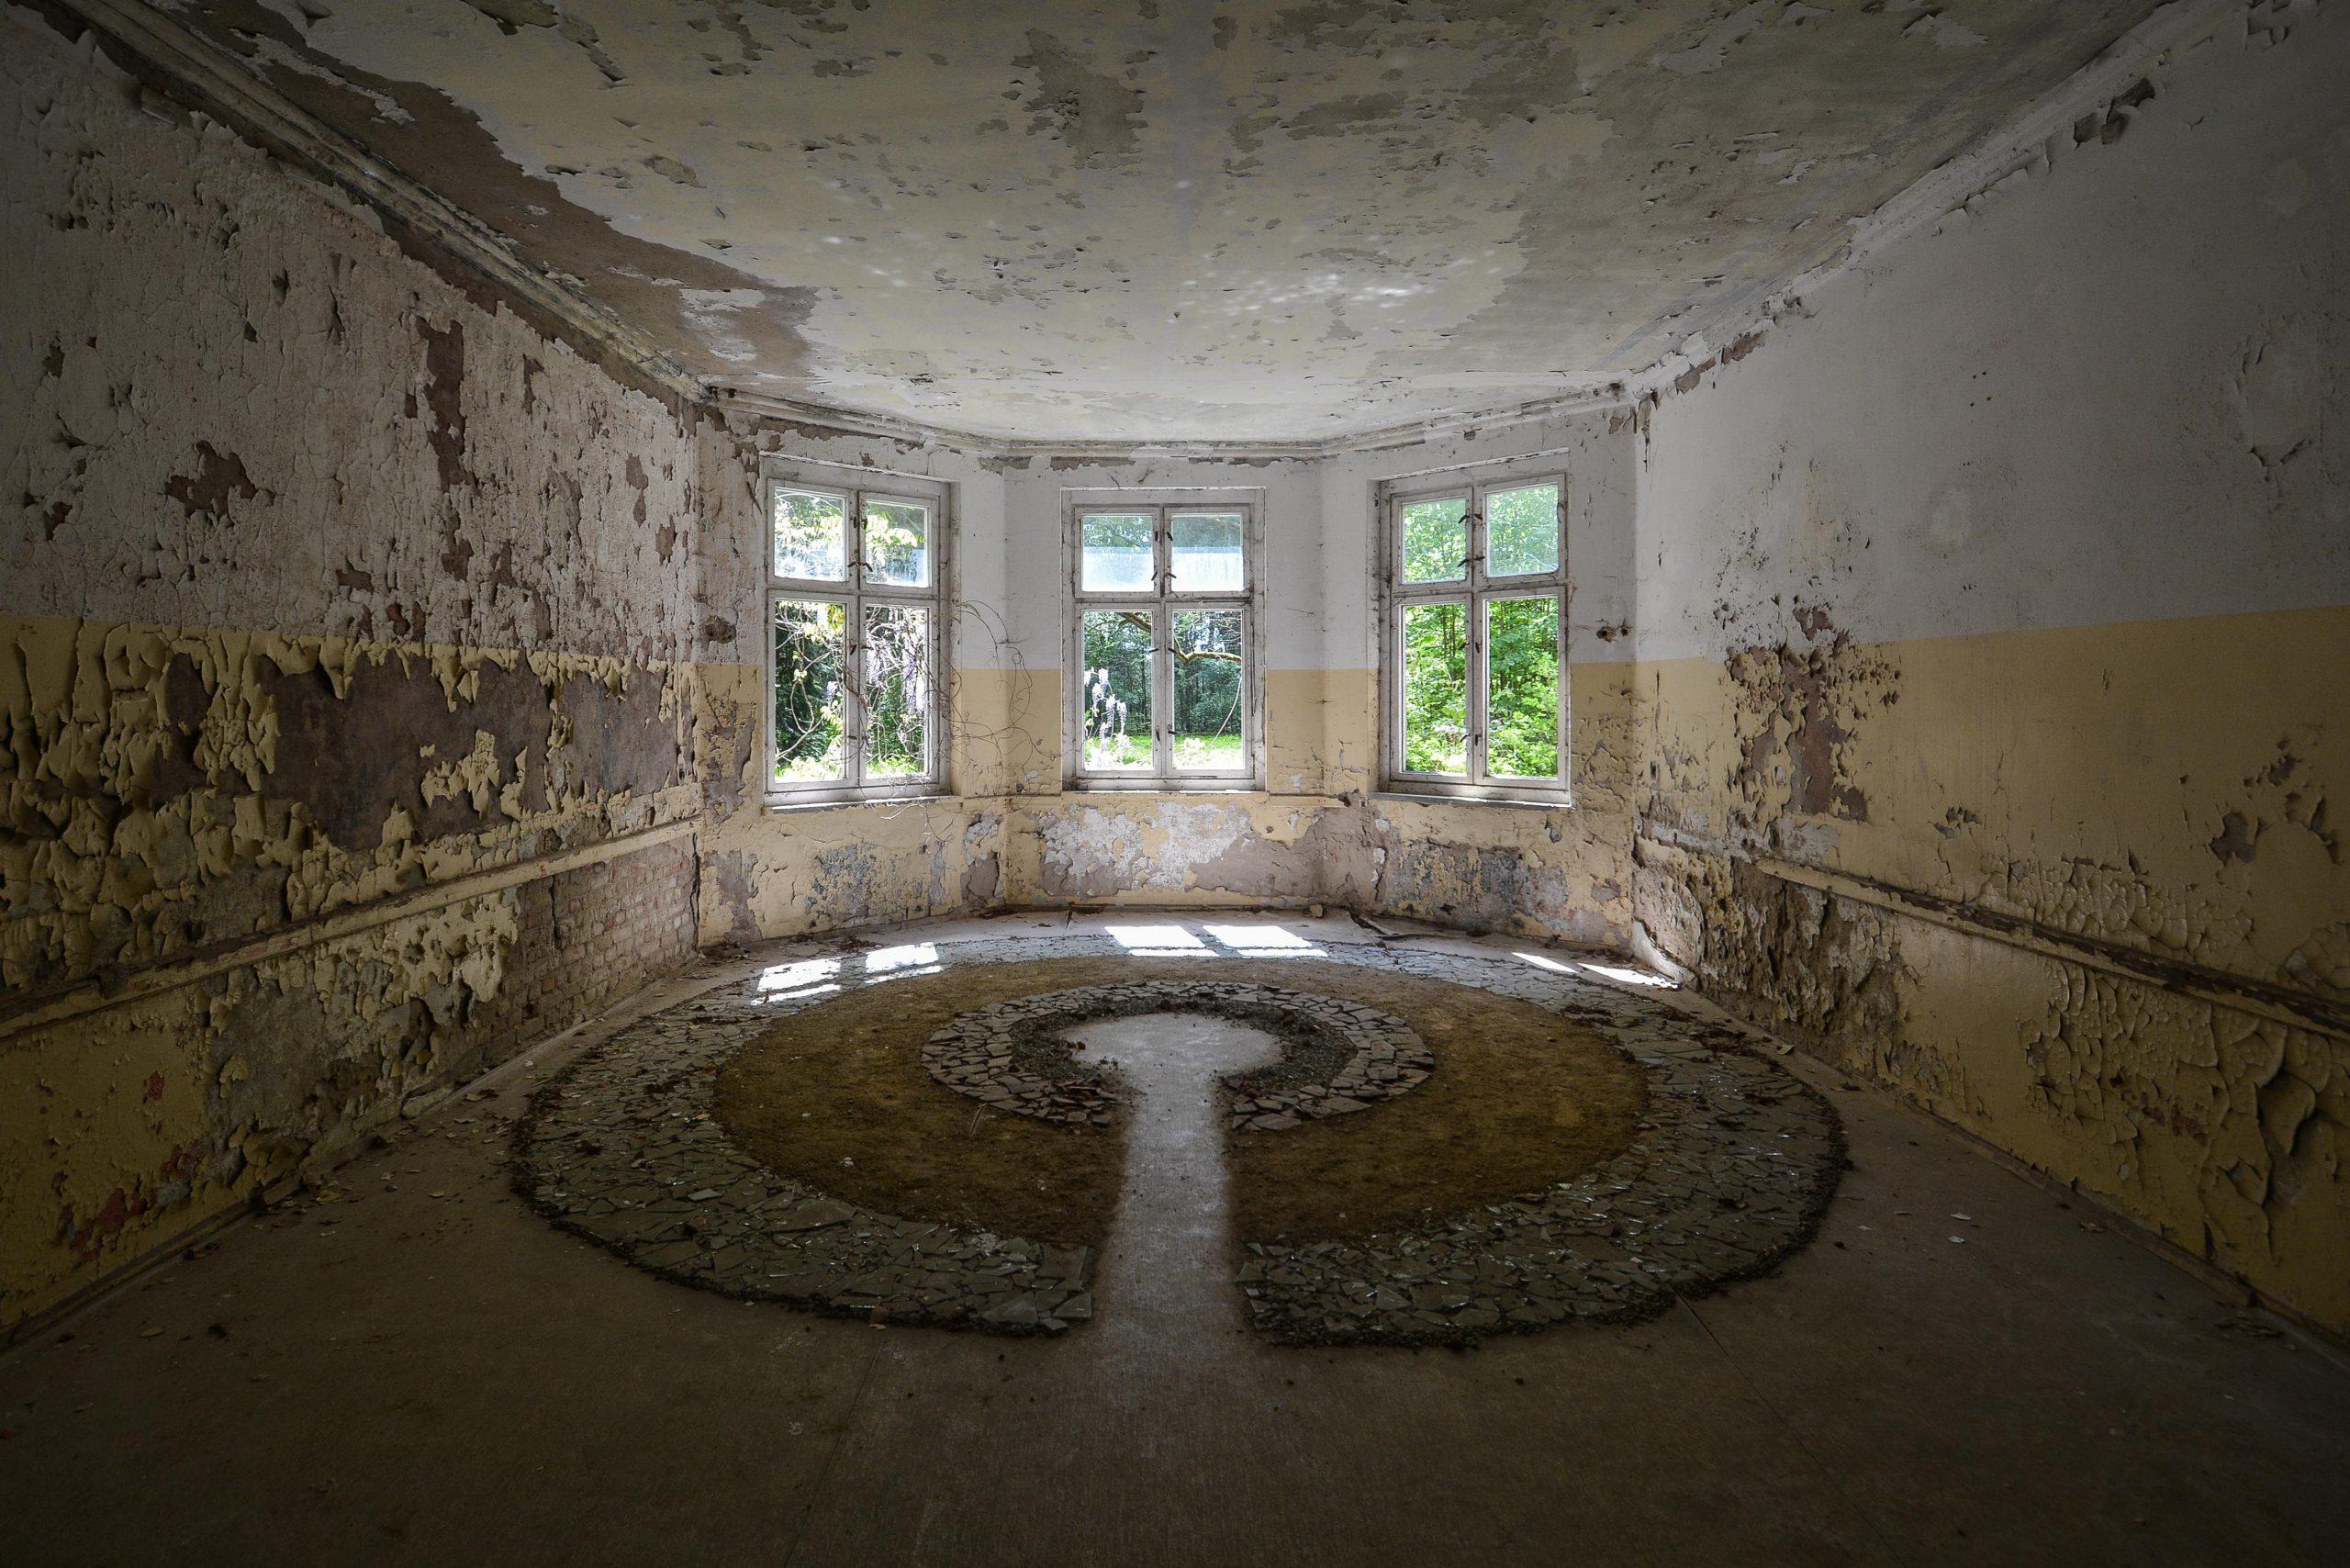 floor design tuberkulose heilstaette grabowsee sanatorium hospital oranienburg lost places abandoned urbex brandenburg germany deutschland